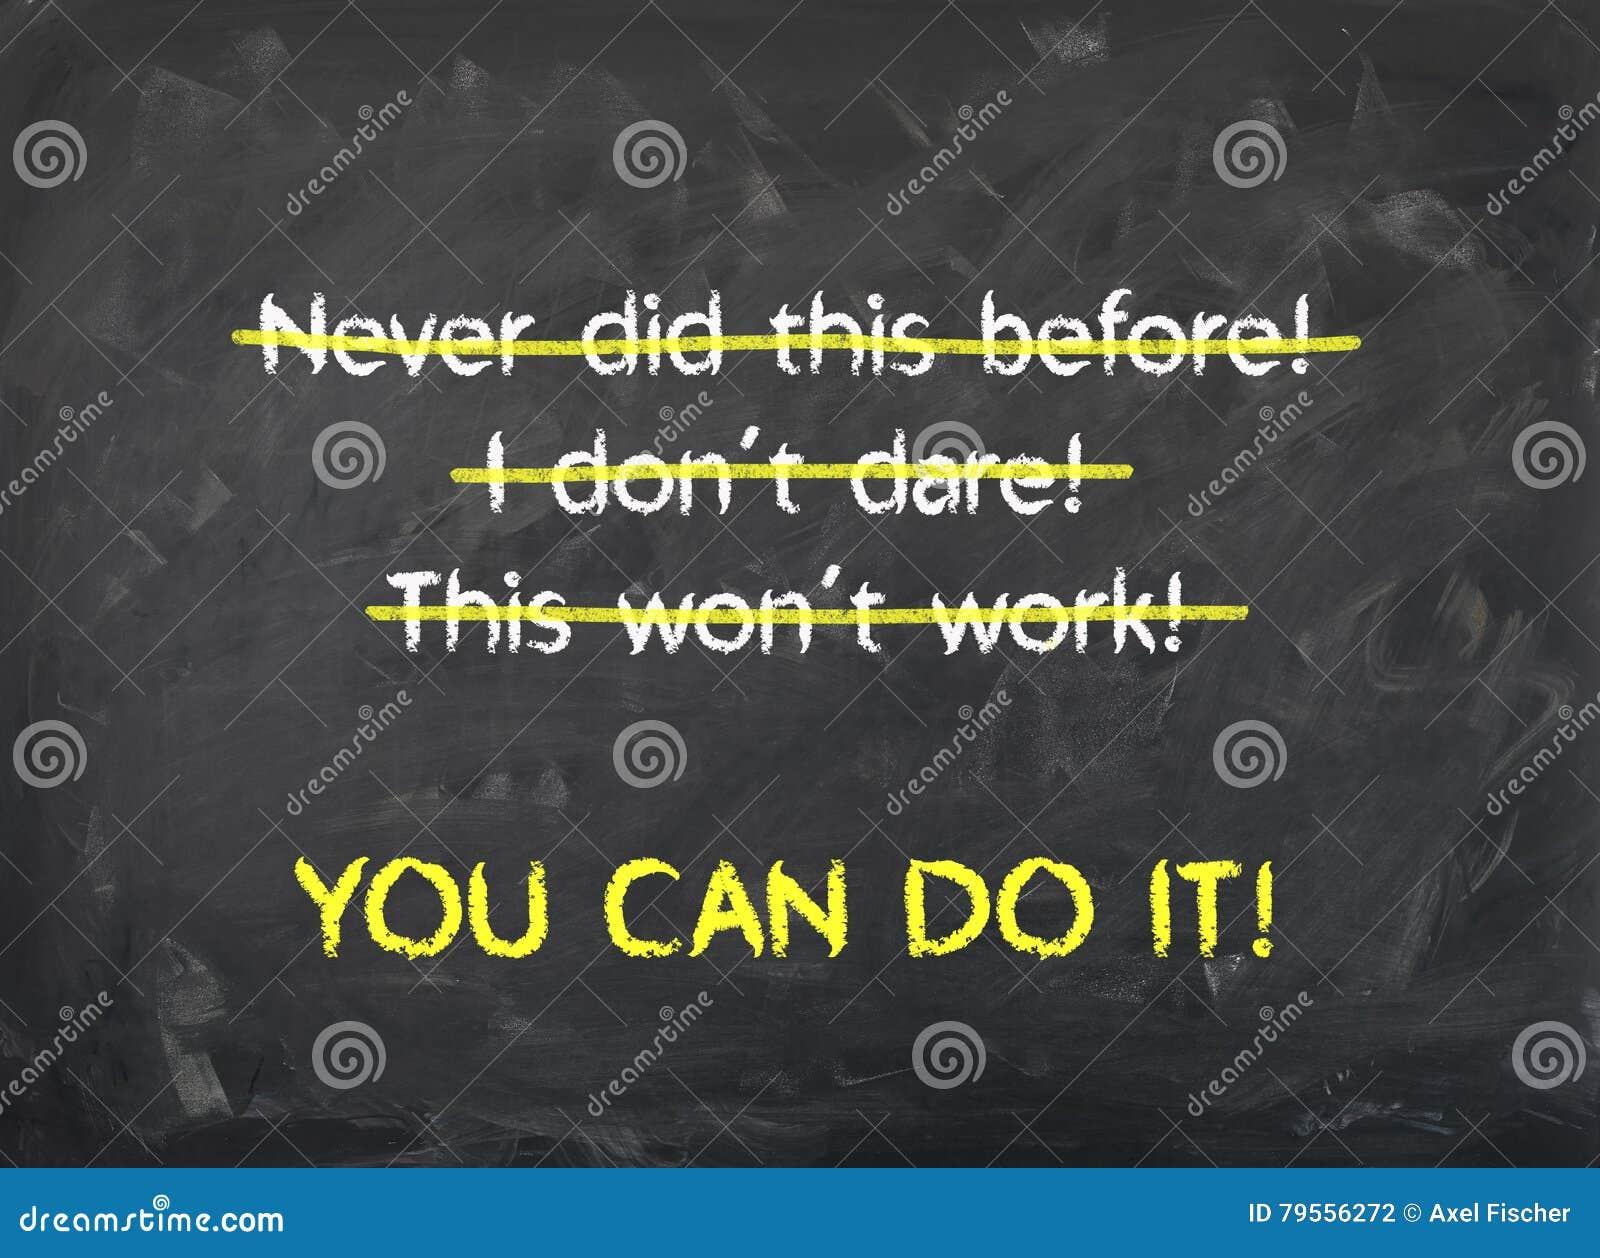 Bord - u kunt het doen - Motivatie